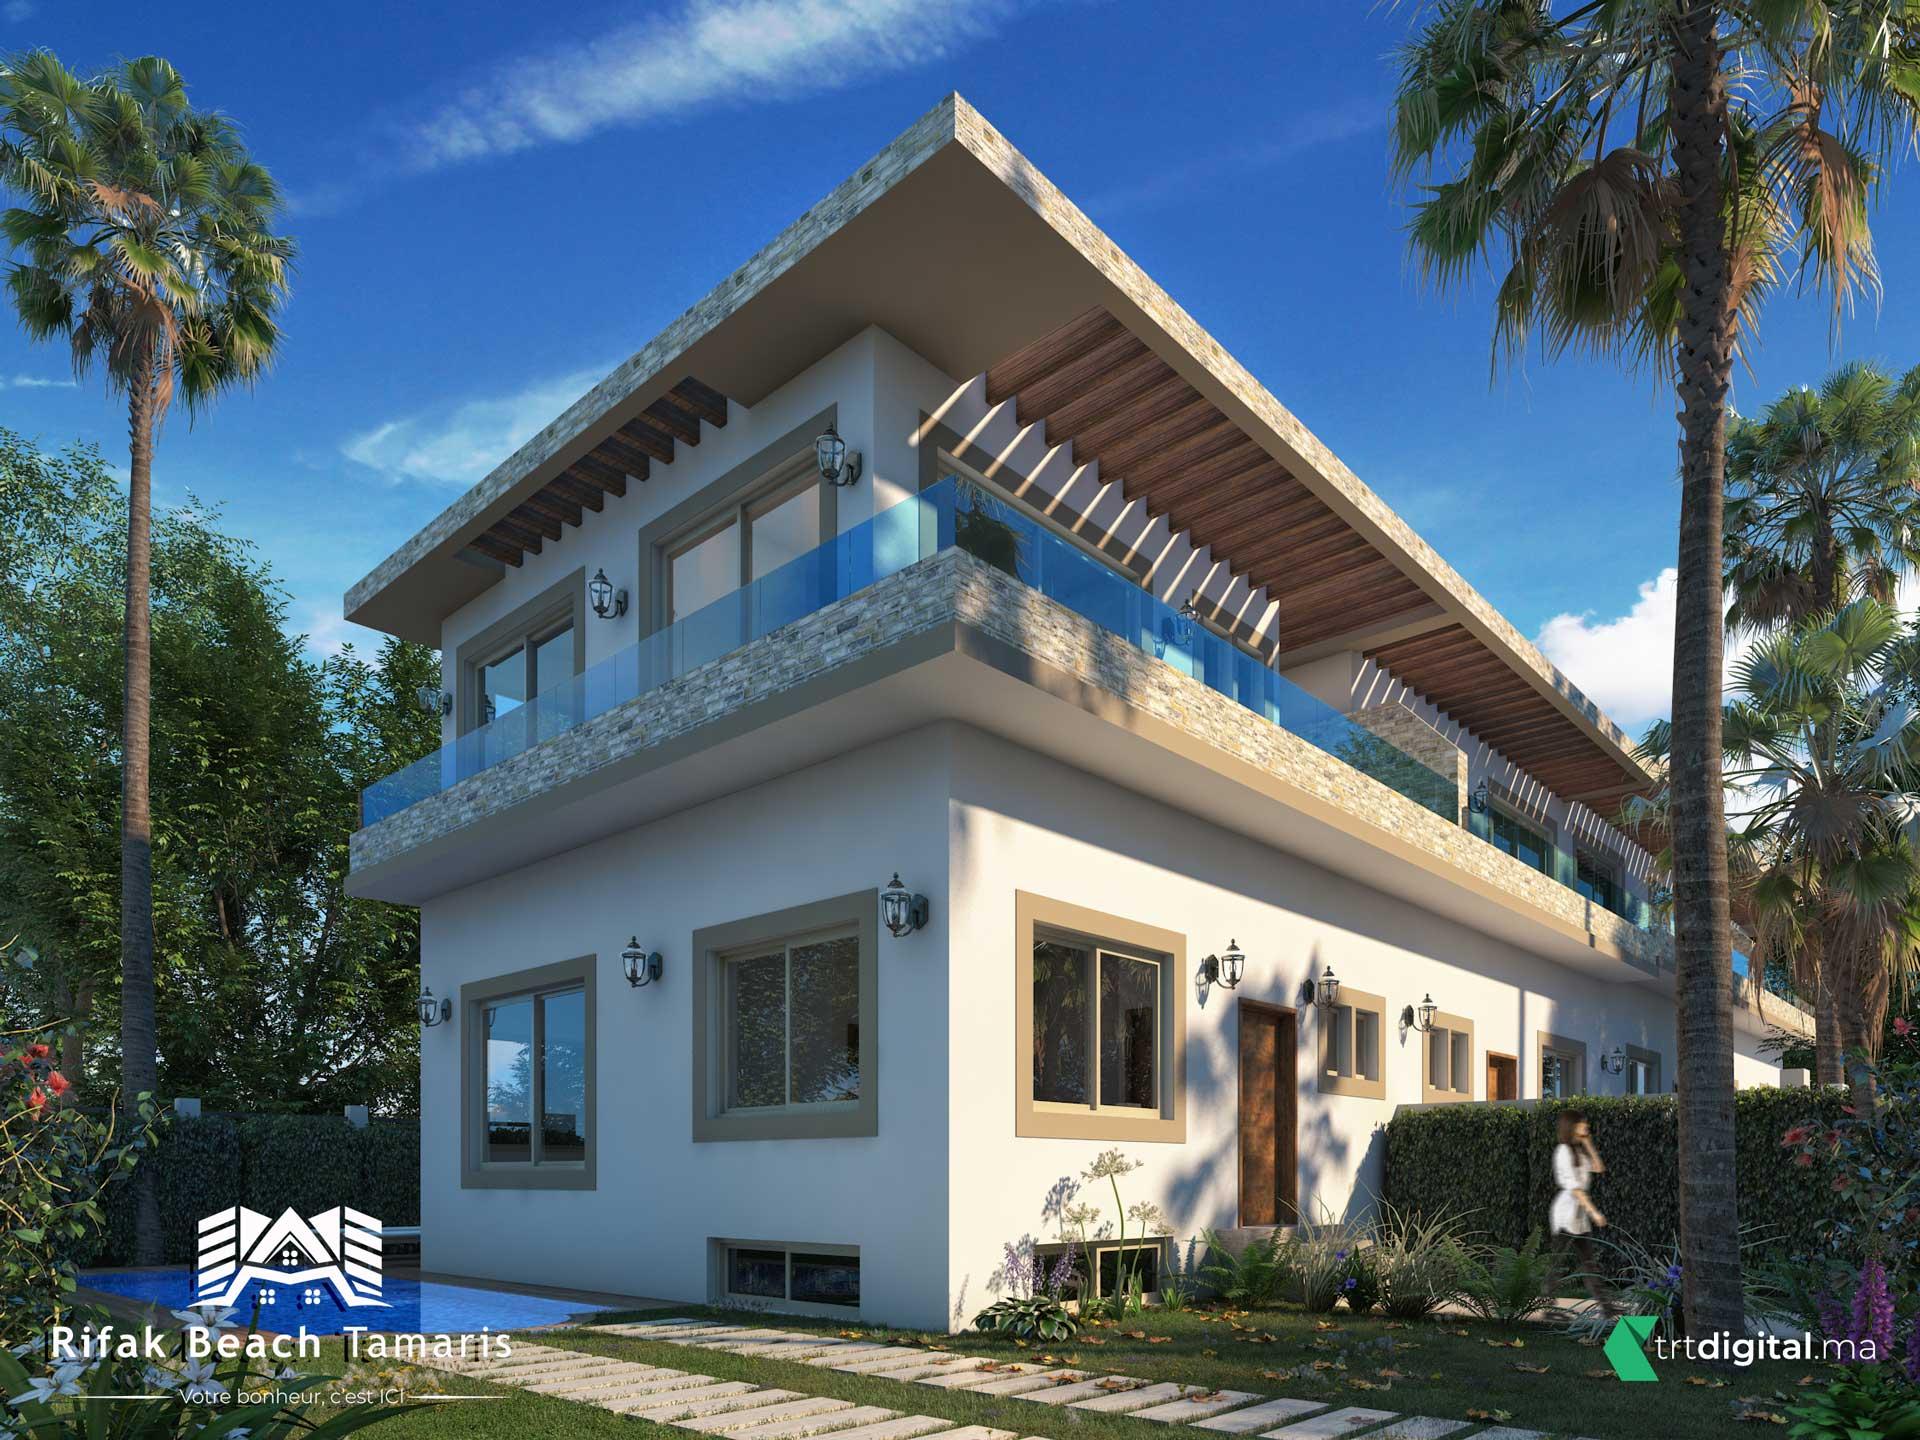 iCom-Agence-de-Communication-au-Maroc-Casablanca-creation-photo-archetecture-interieur-exterieur-3d2020-05-24 at 4.31.04 PM 22